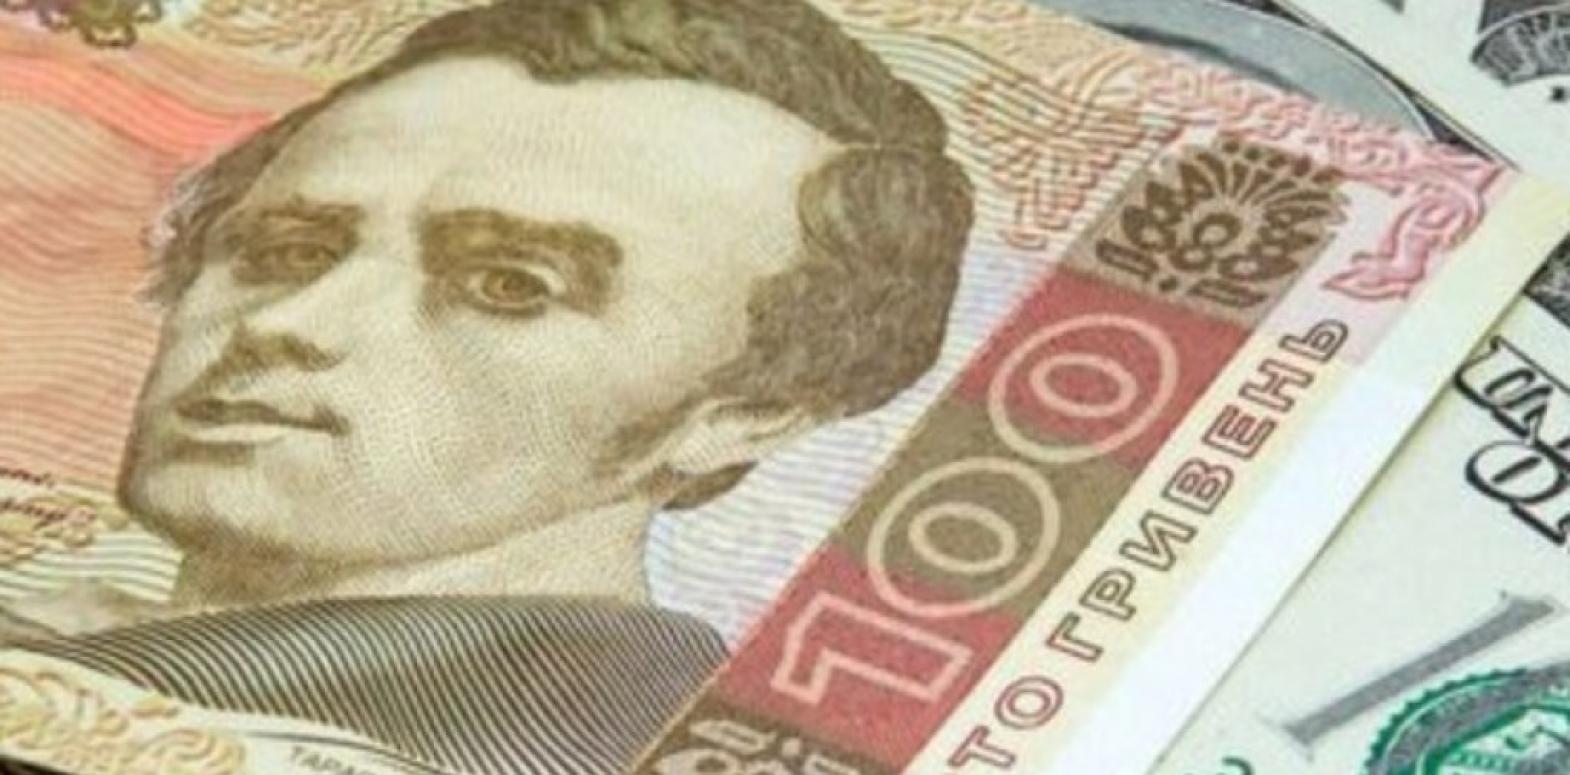 Наличный доллар начал дорожать из-за инвесторов ОВГЗ, которые продают облигации - эксперт